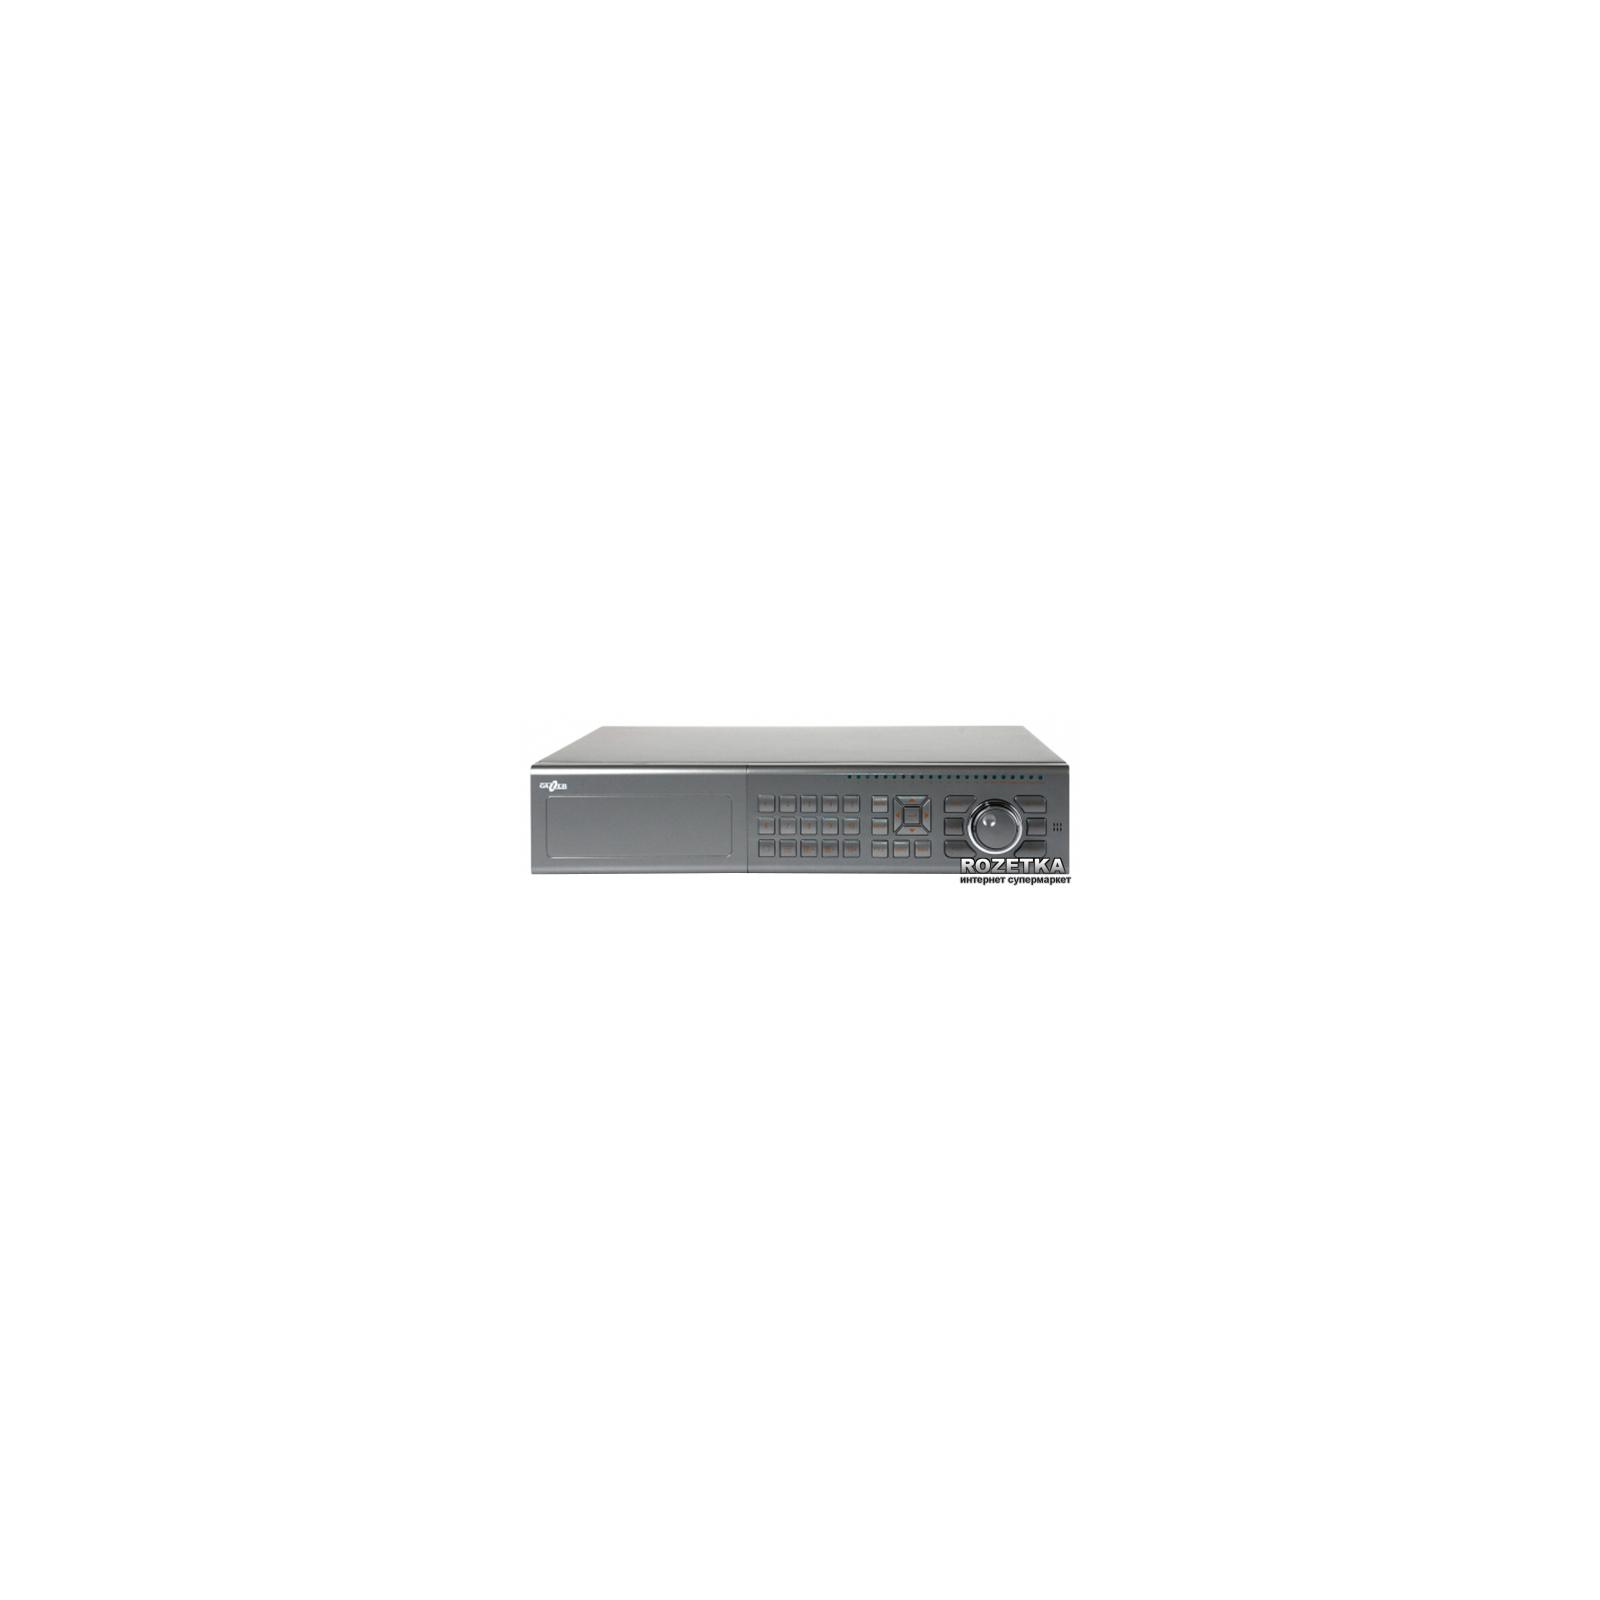 Регистратор для видеонаблюдения Gazer NS2224r